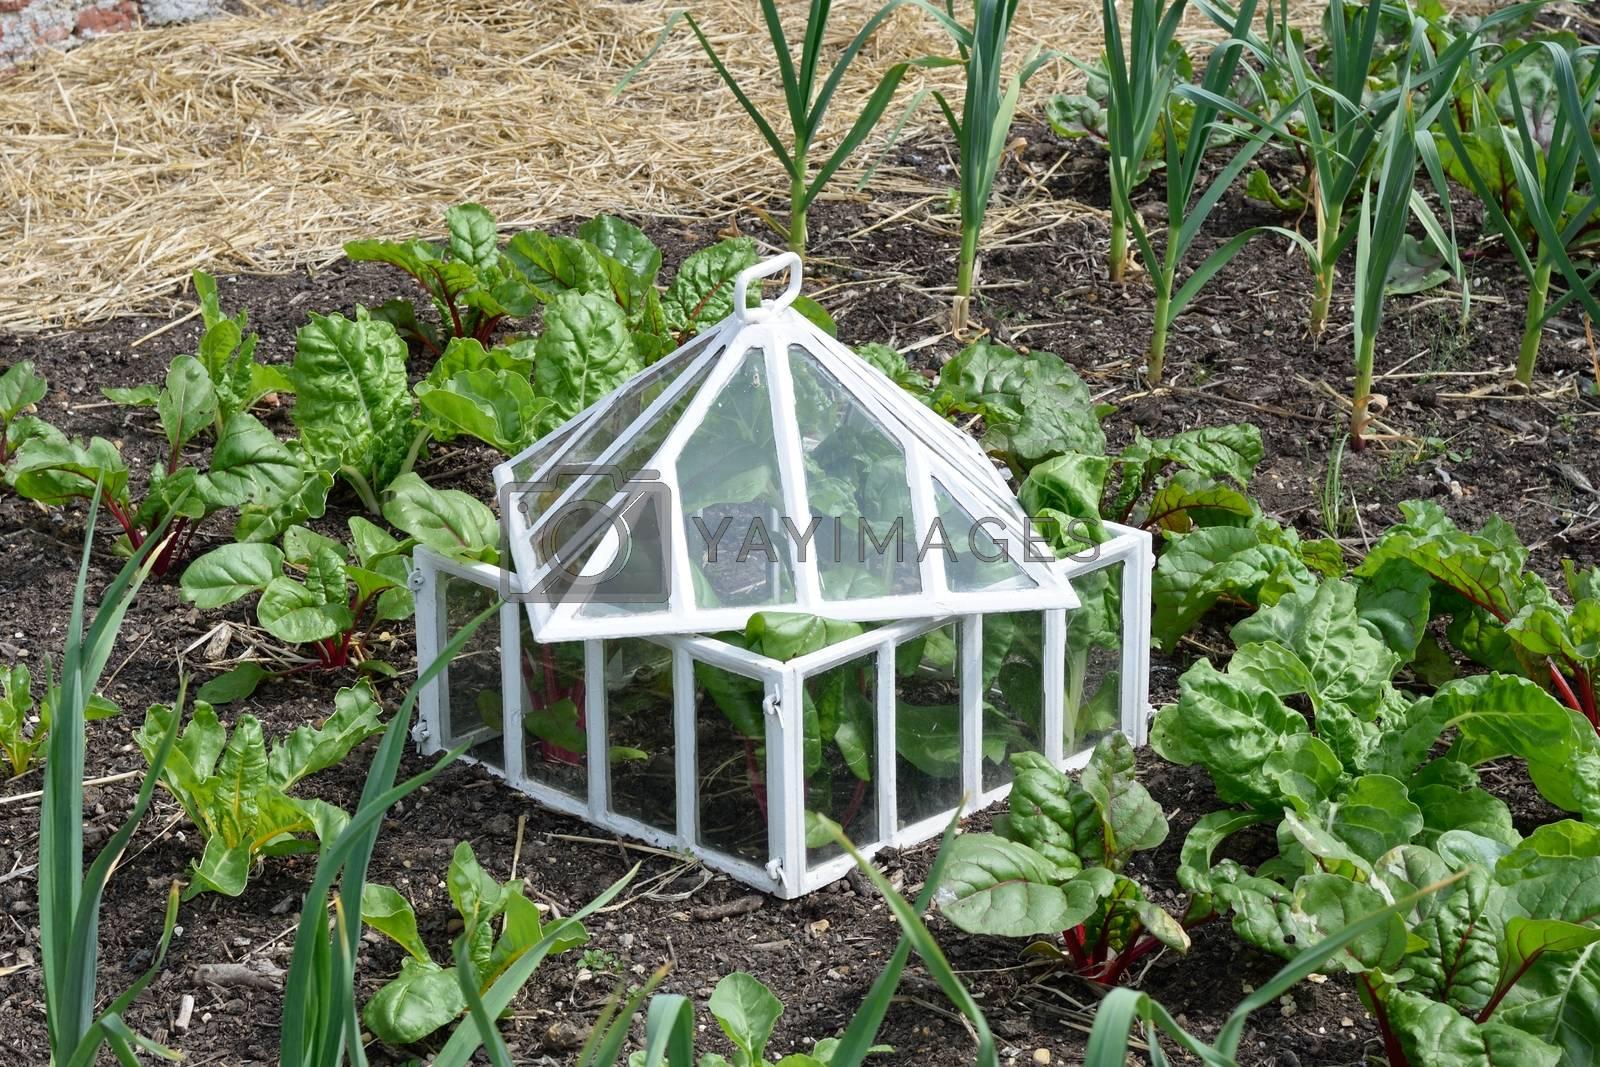 Antique white cloche in vegetable garden